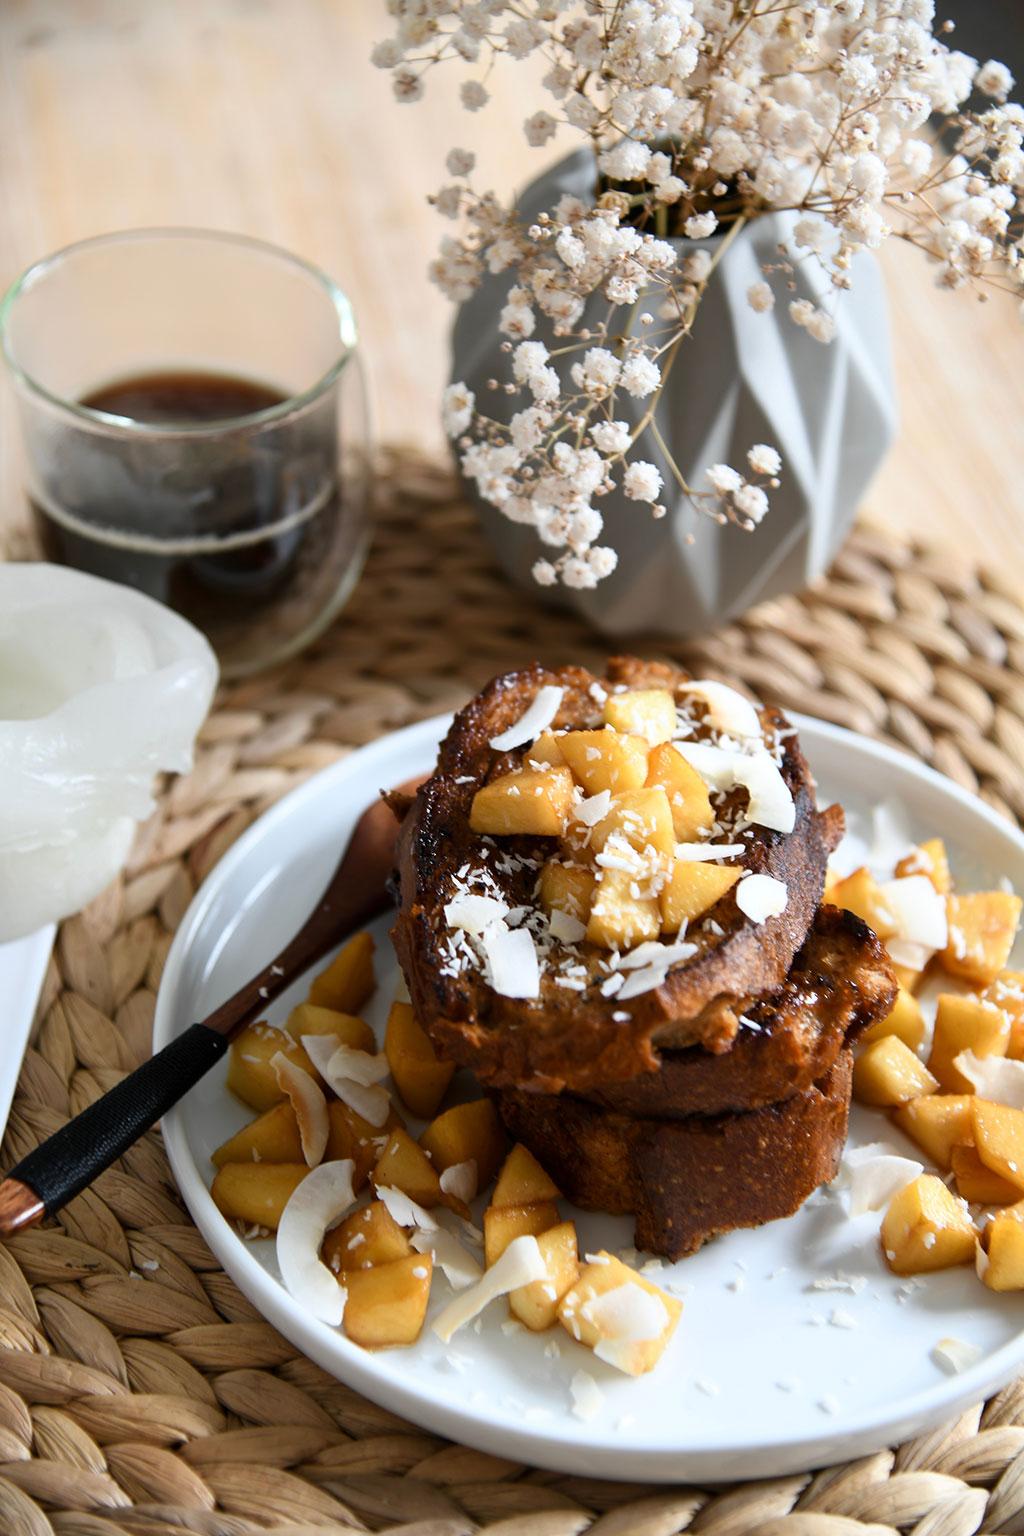 pain perdu au caramel de coco par lepetitmondedelodie